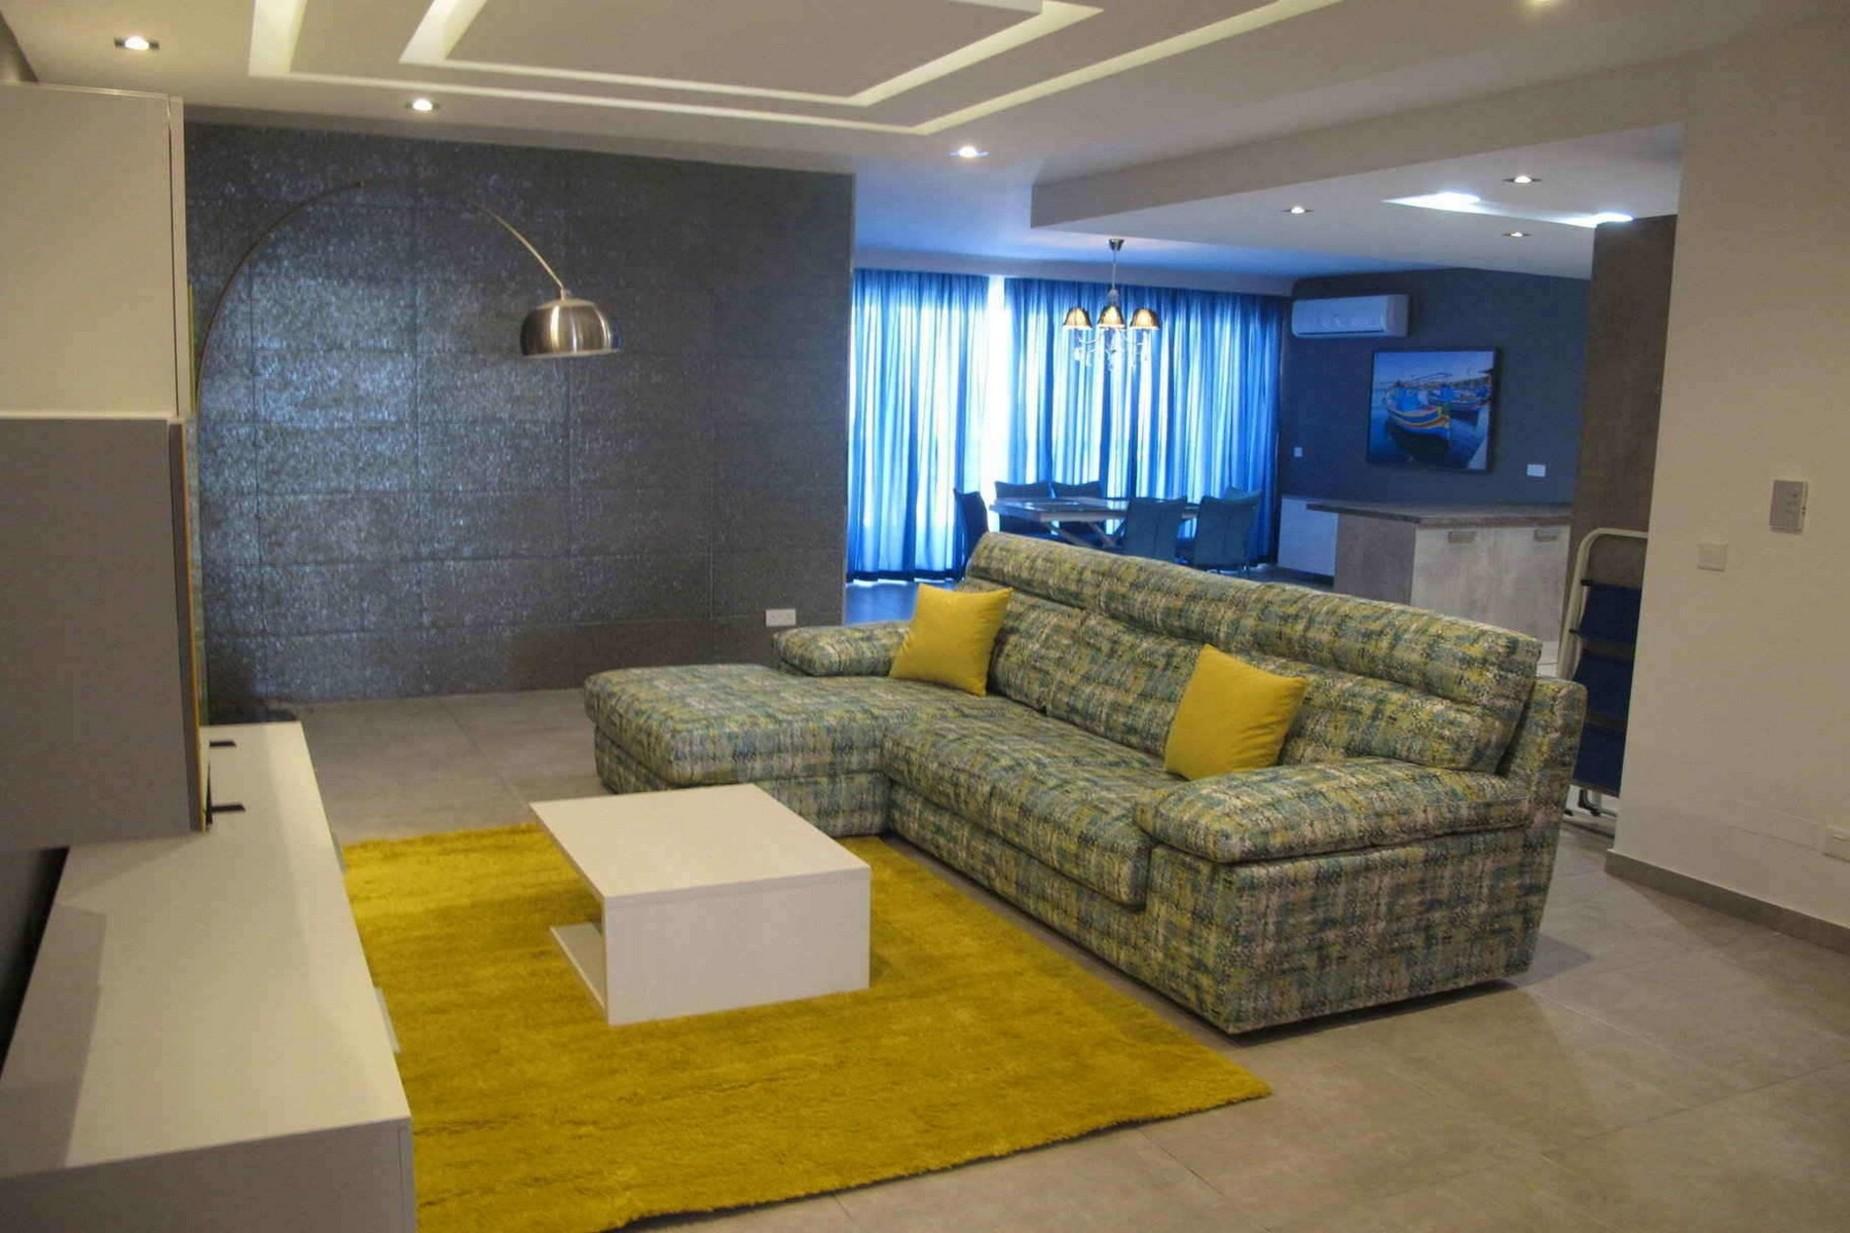 3 bed Apartment For Rent in Pieta, Pieta - thumb 2